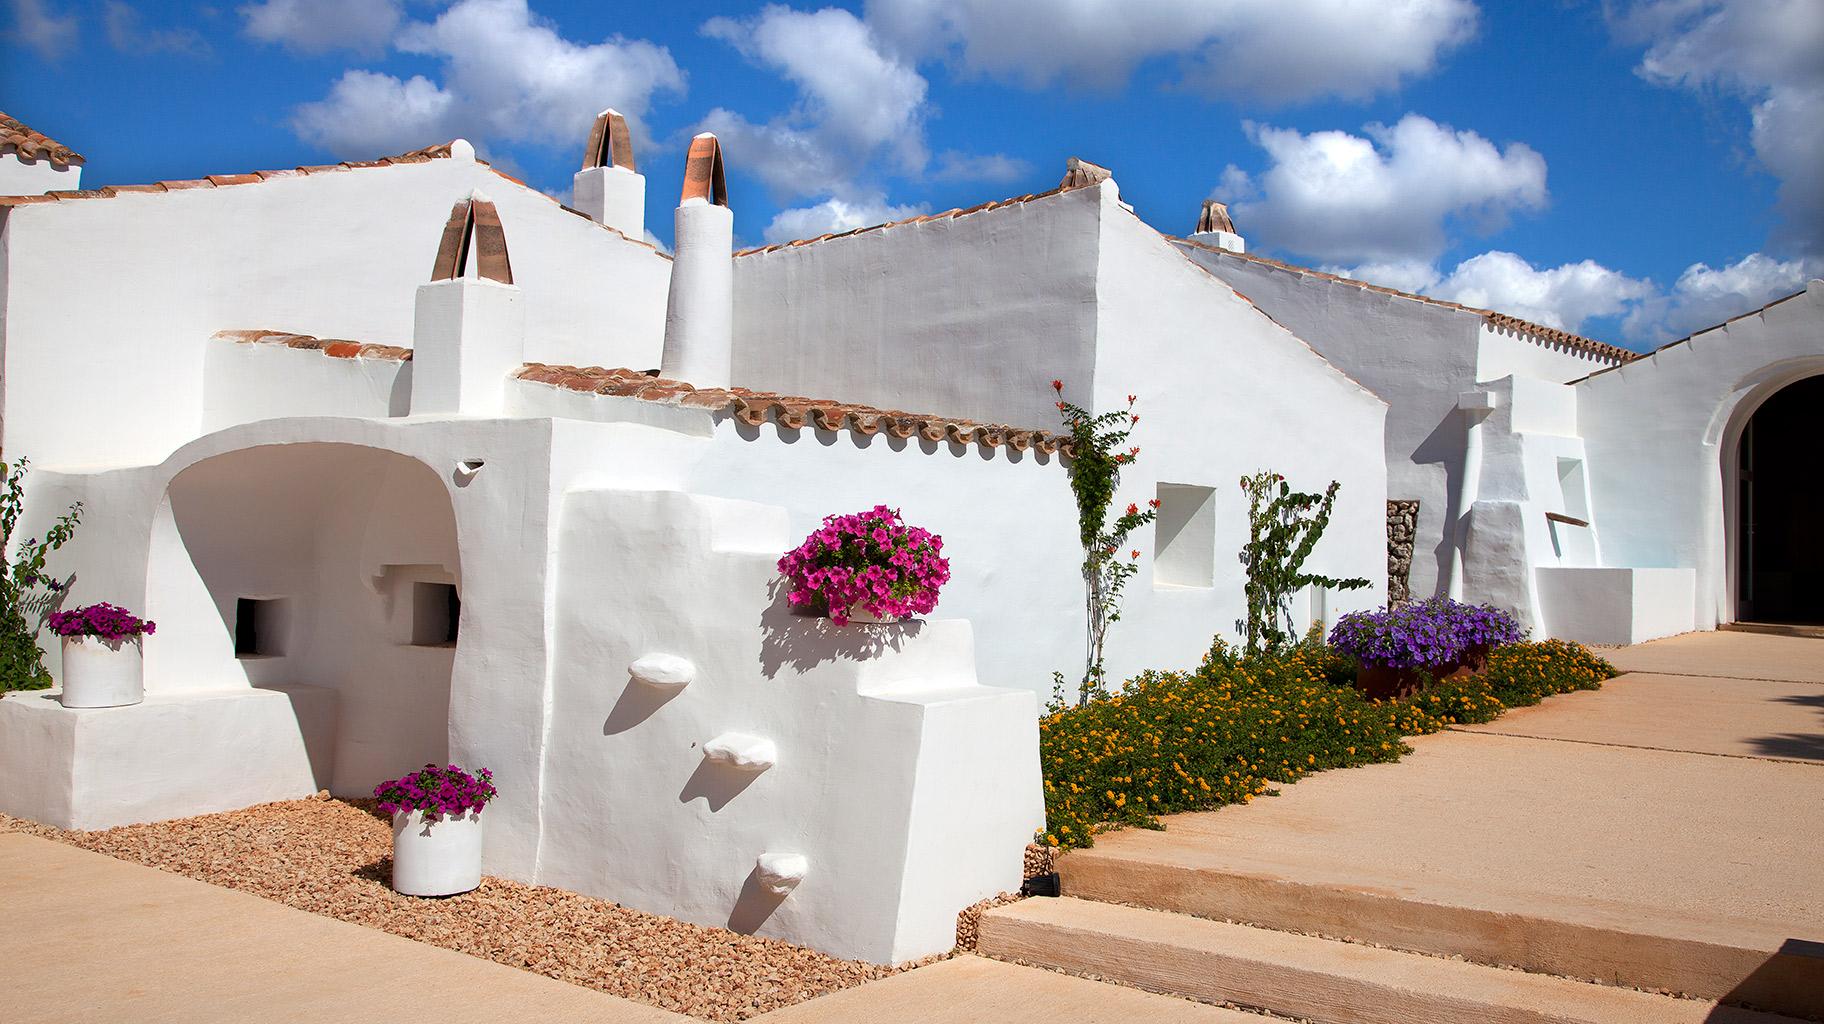 torralbenc-menorca-luxury-hotel